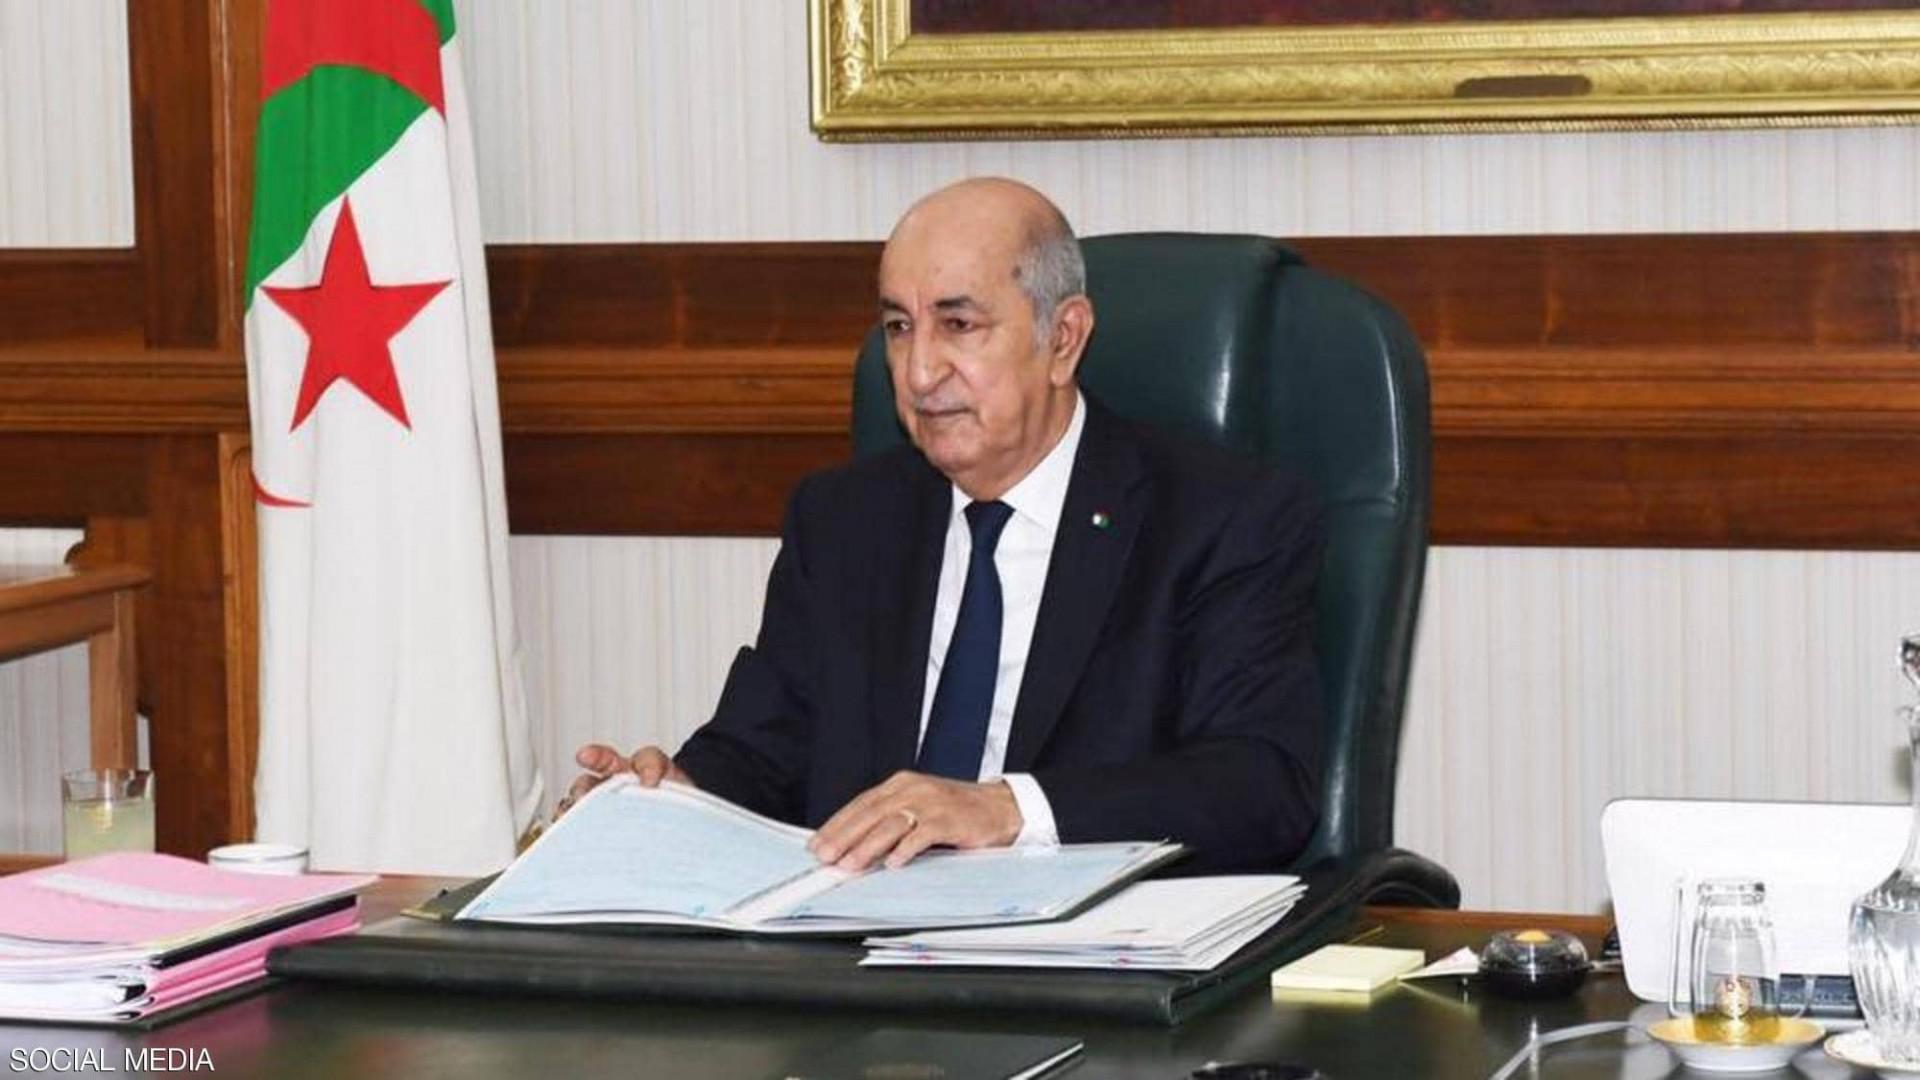 إصابة رئيس دولة عربية بفيروس كورونا